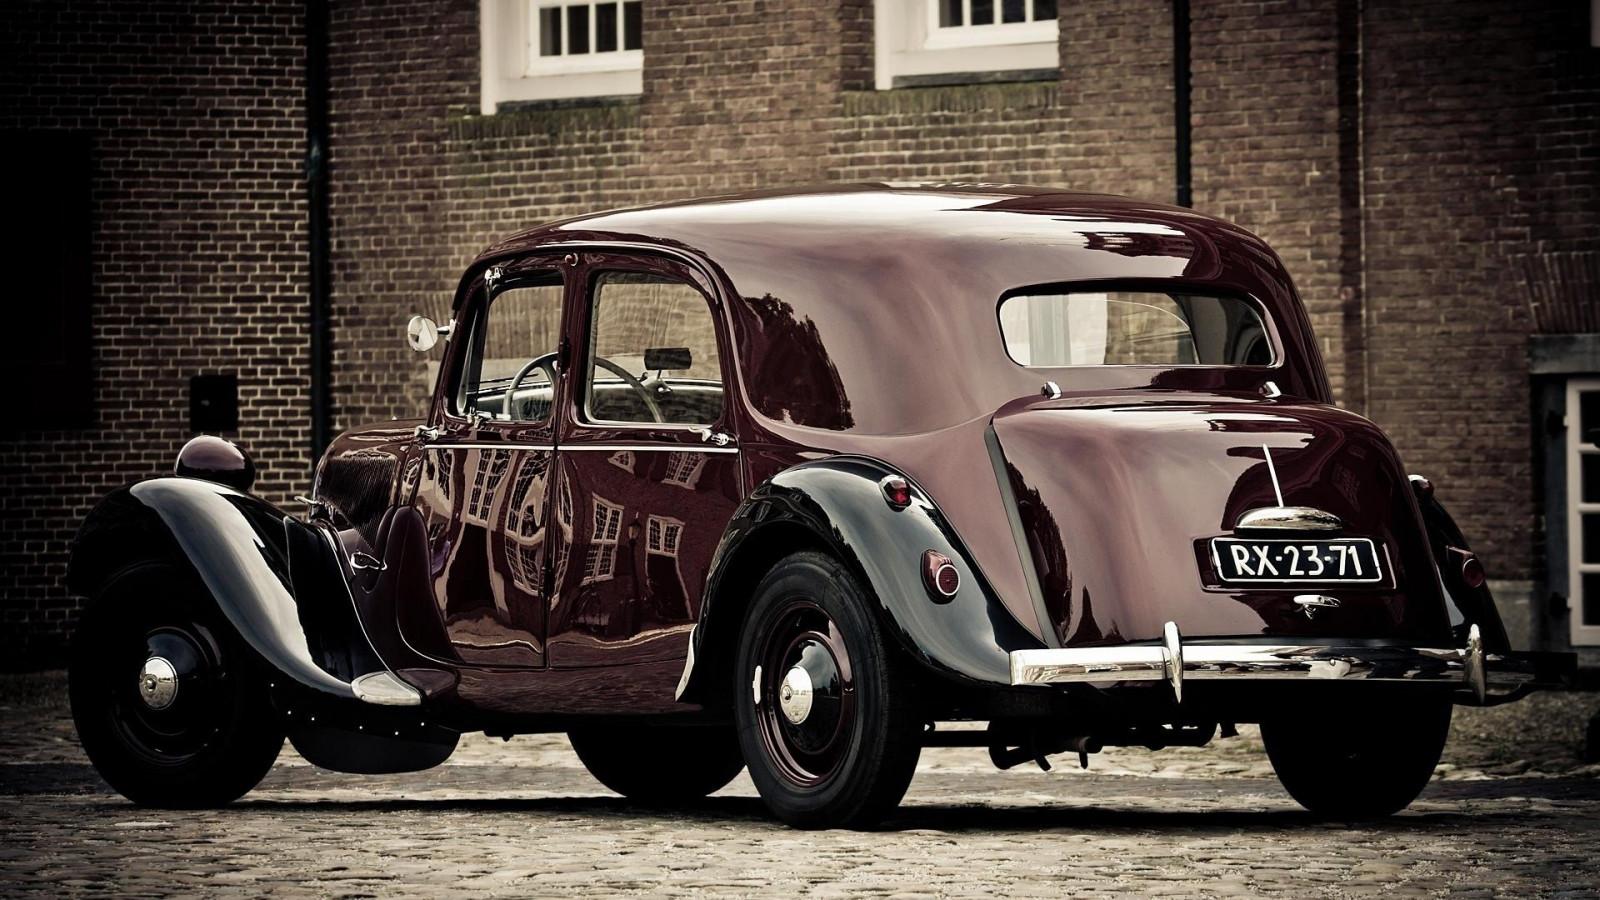 fond d 39 cran vieille voiture voiture ancienne voiture classique sedan citro n v hicule. Black Bedroom Furniture Sets. Home Design Ideas